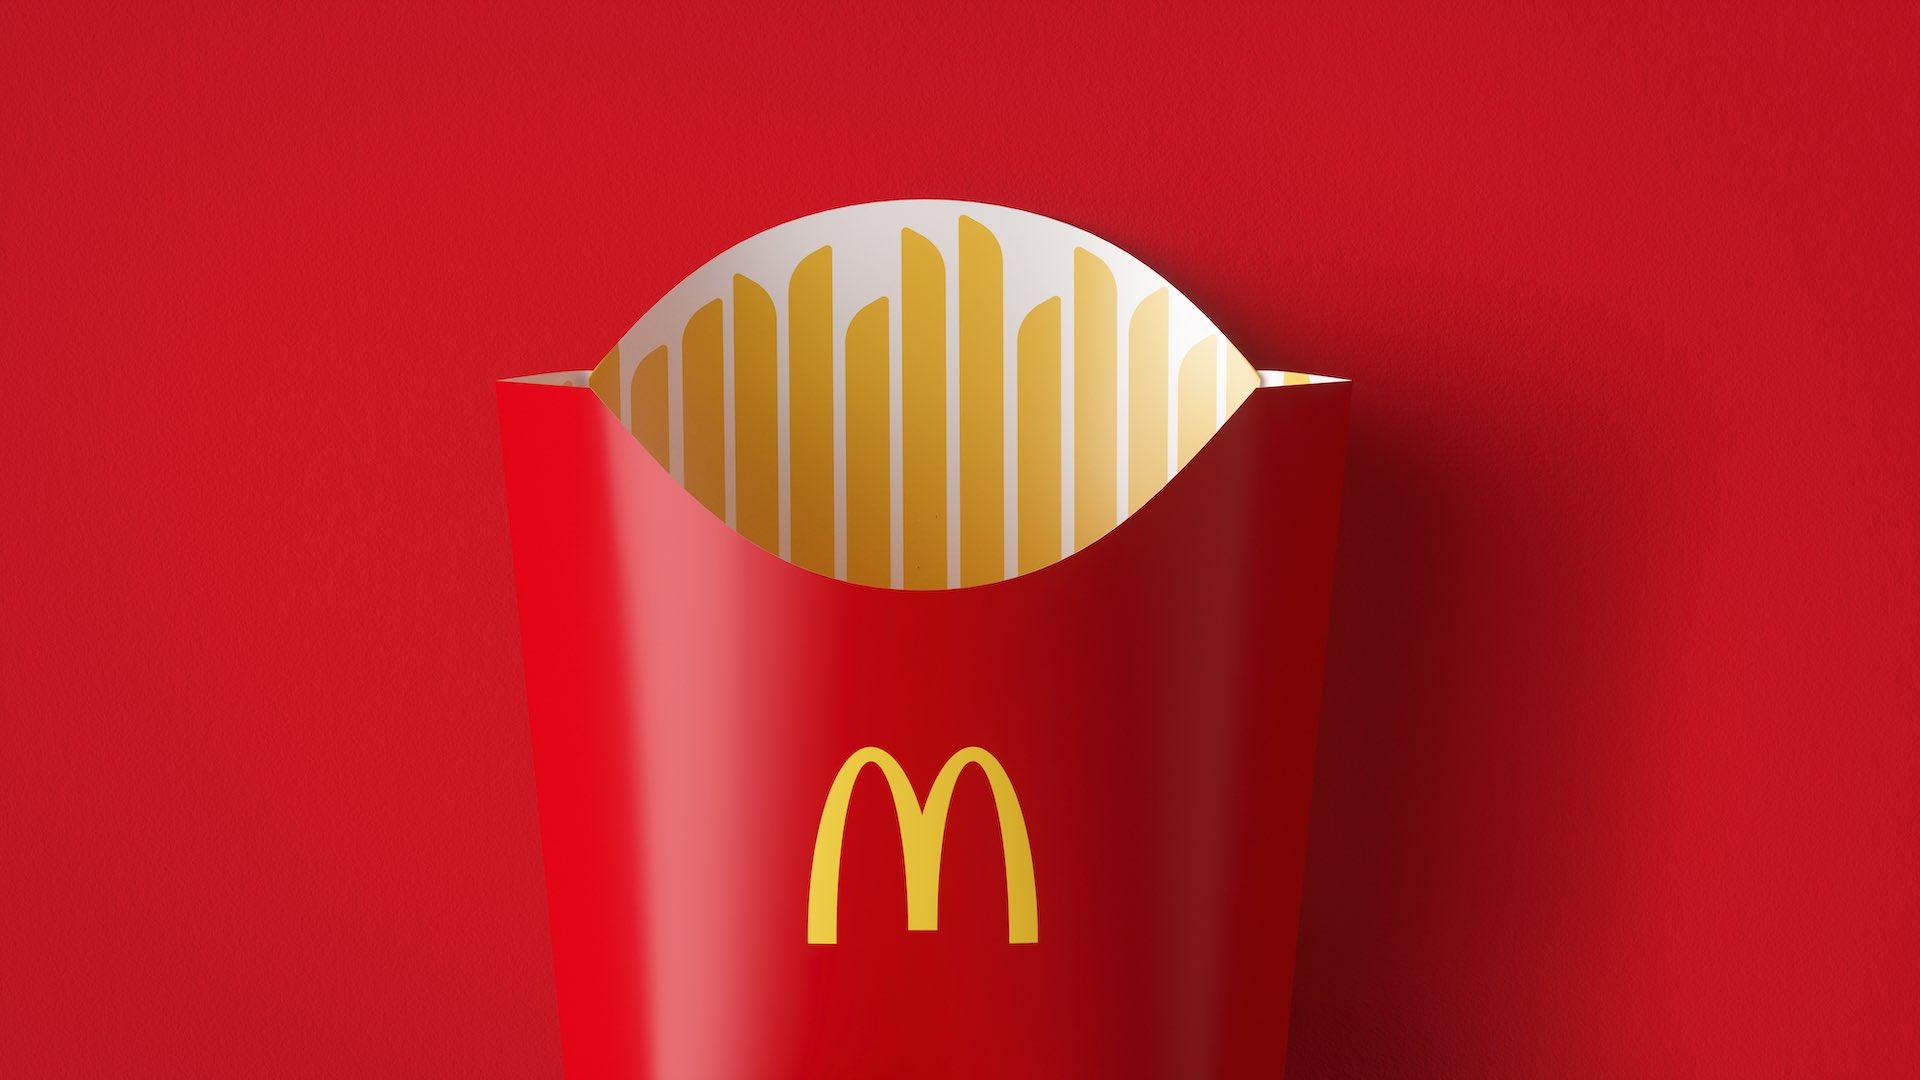 «Макдоналдс» впервые за пять лет сменит дизайн упаковок 3